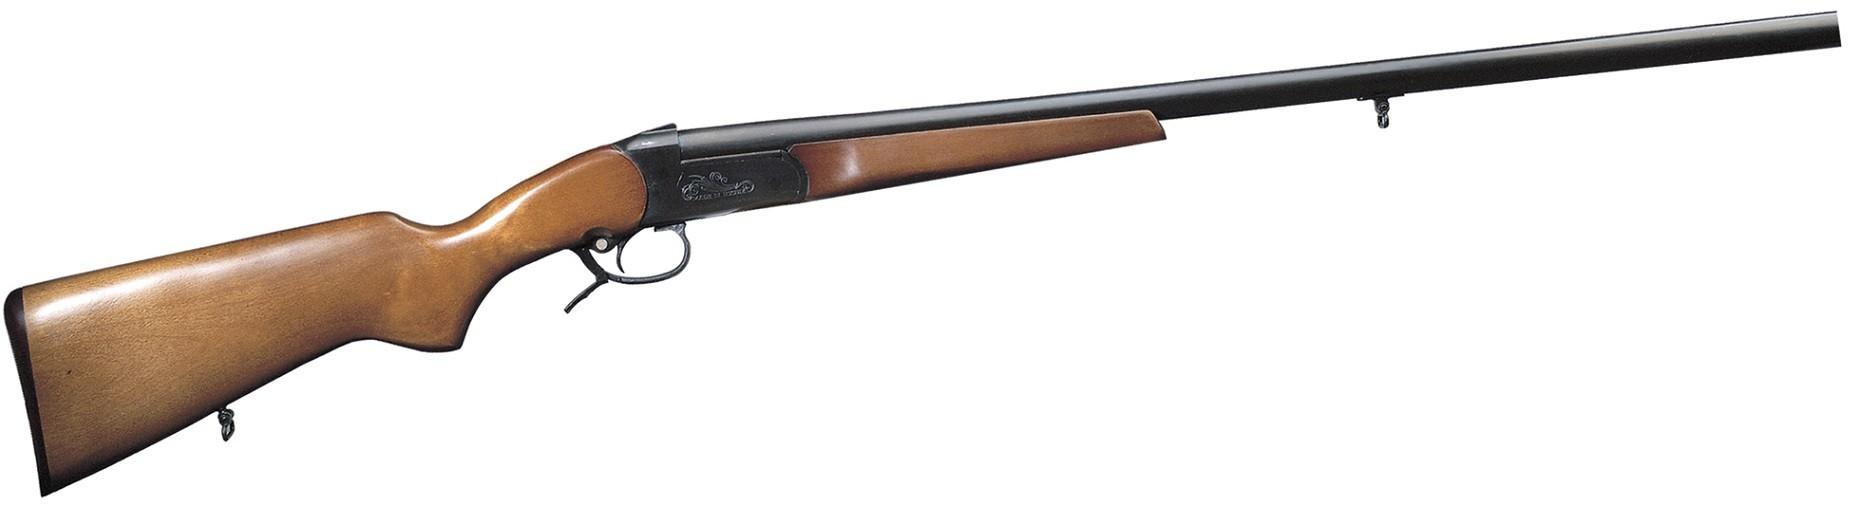 Dessin Fusil De Chasse fusil monocoup baïkal ij18 bois / cal. 12/76 - éjecteur - fusils